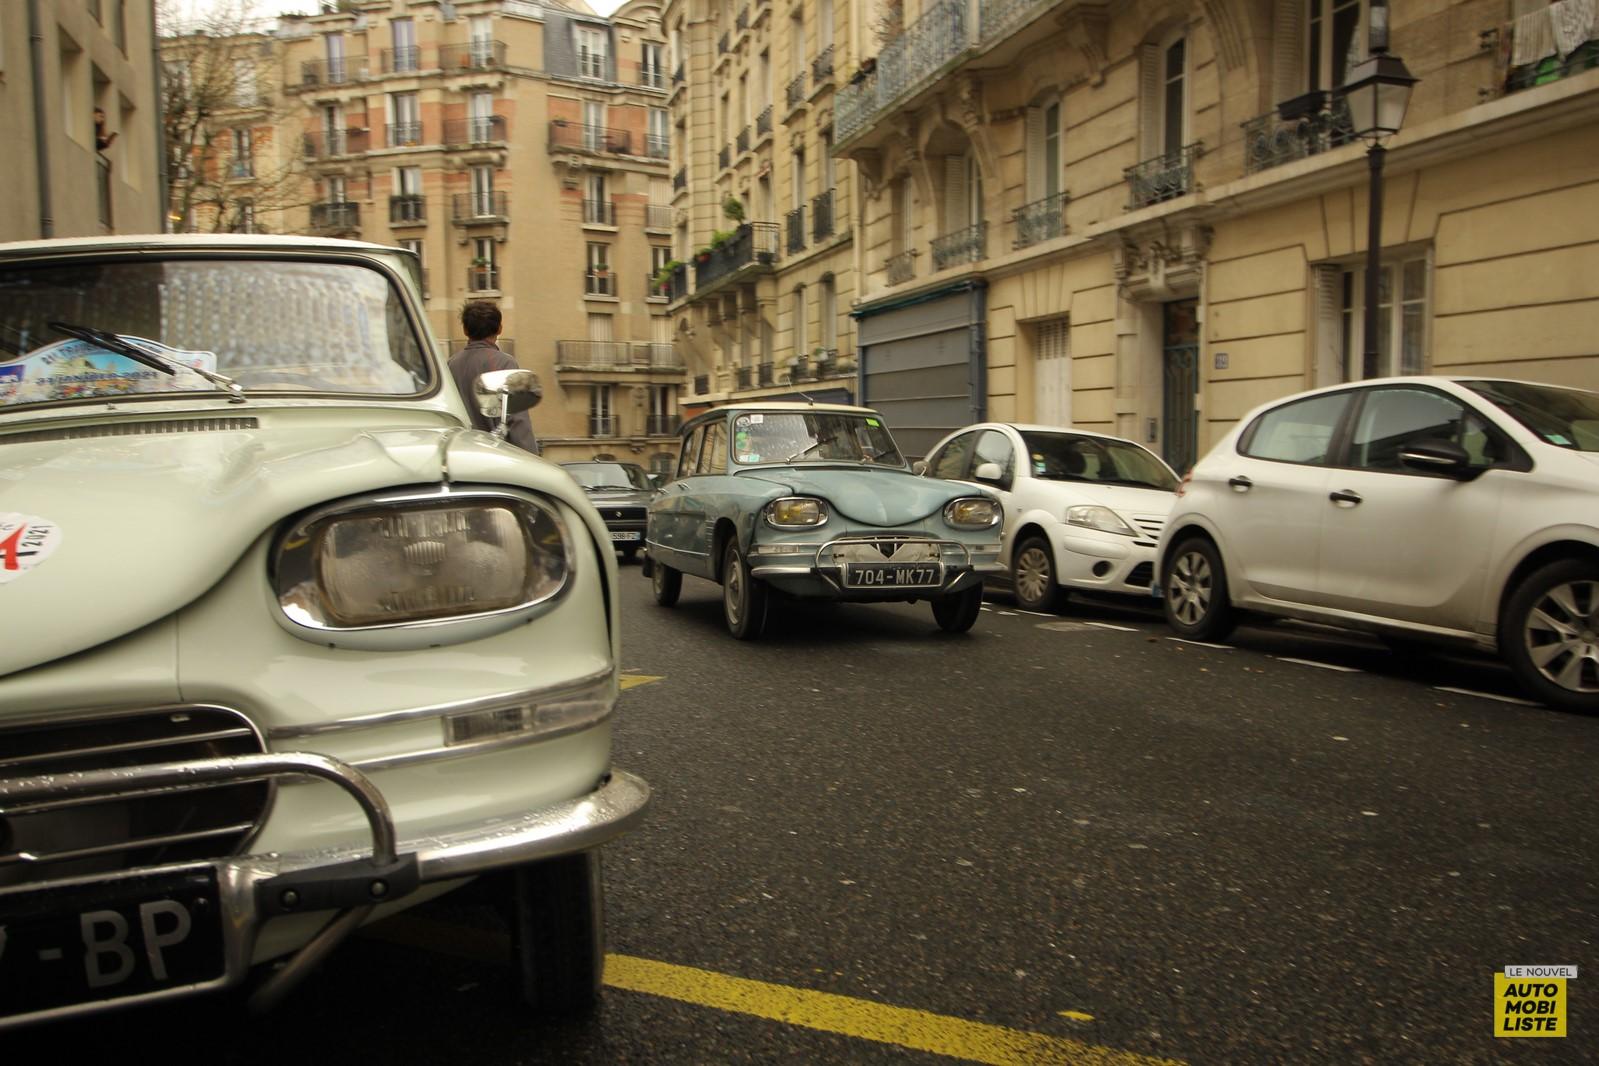 Traversee de Paris LNA Thibaut Dumoulin 23